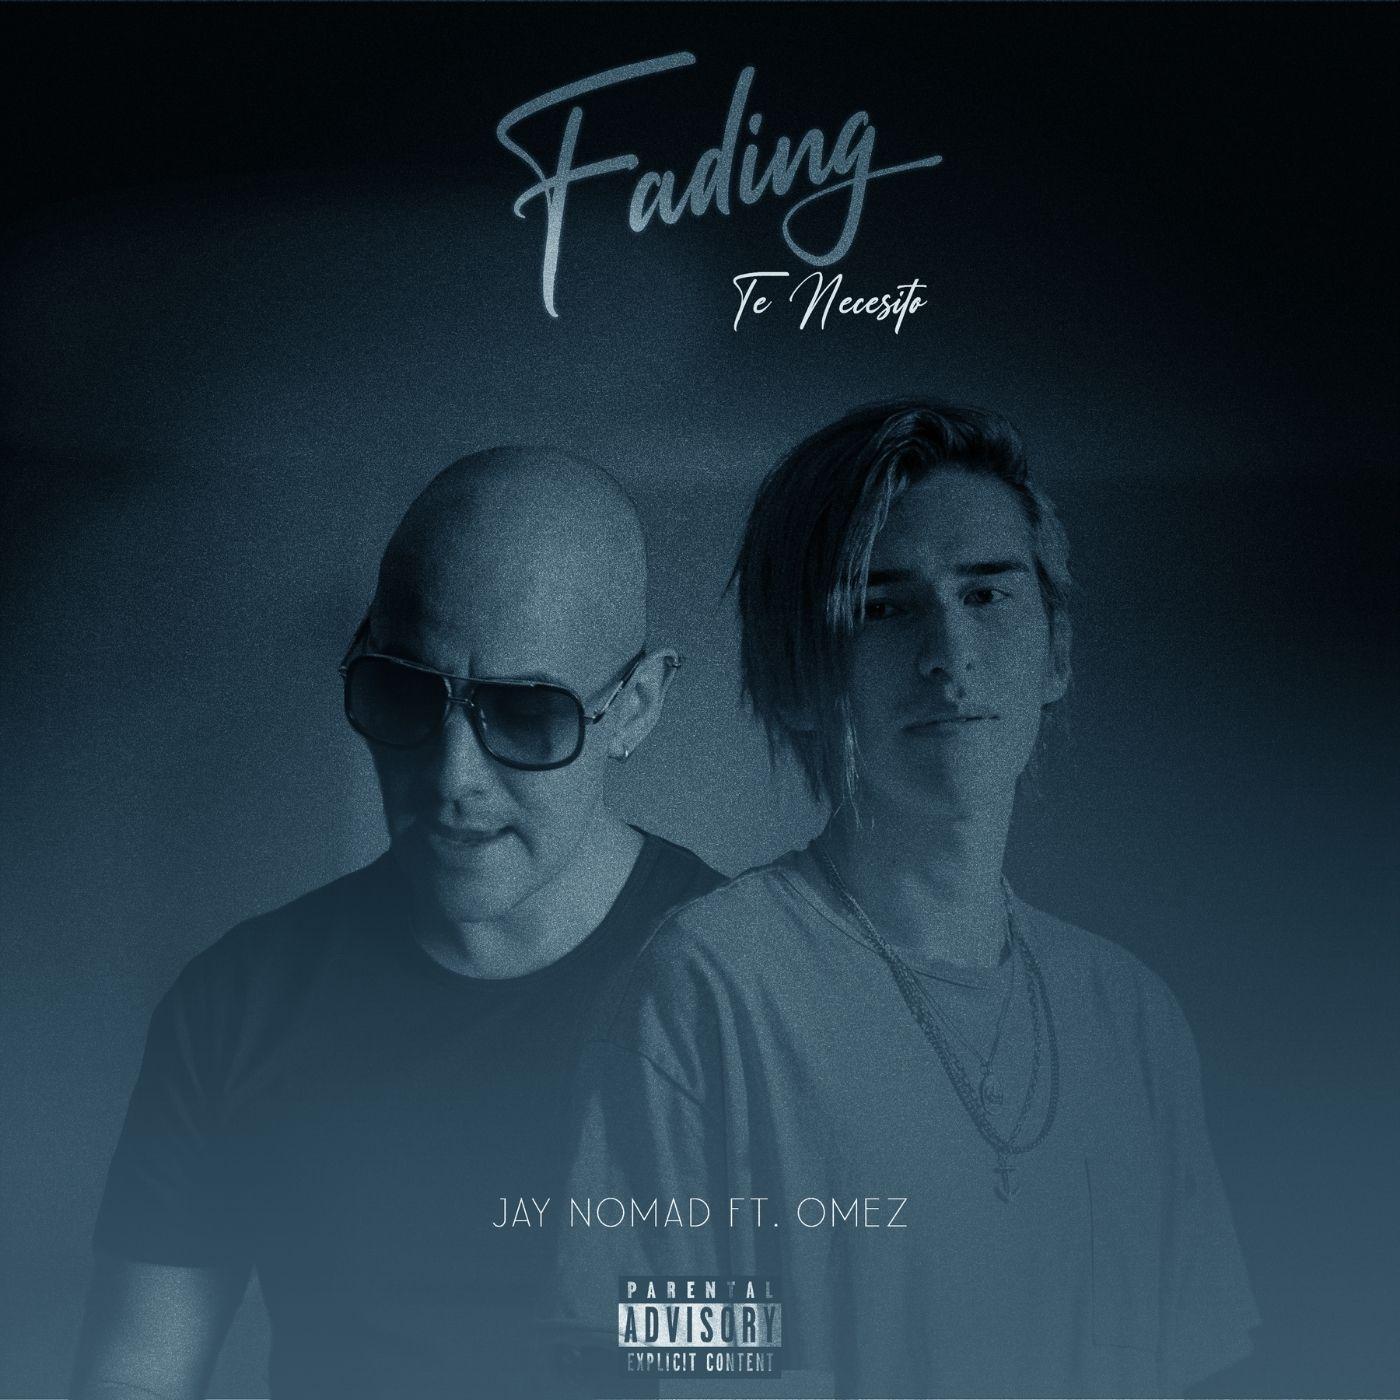 Fading (Te Necesito) Feat. Omez Image